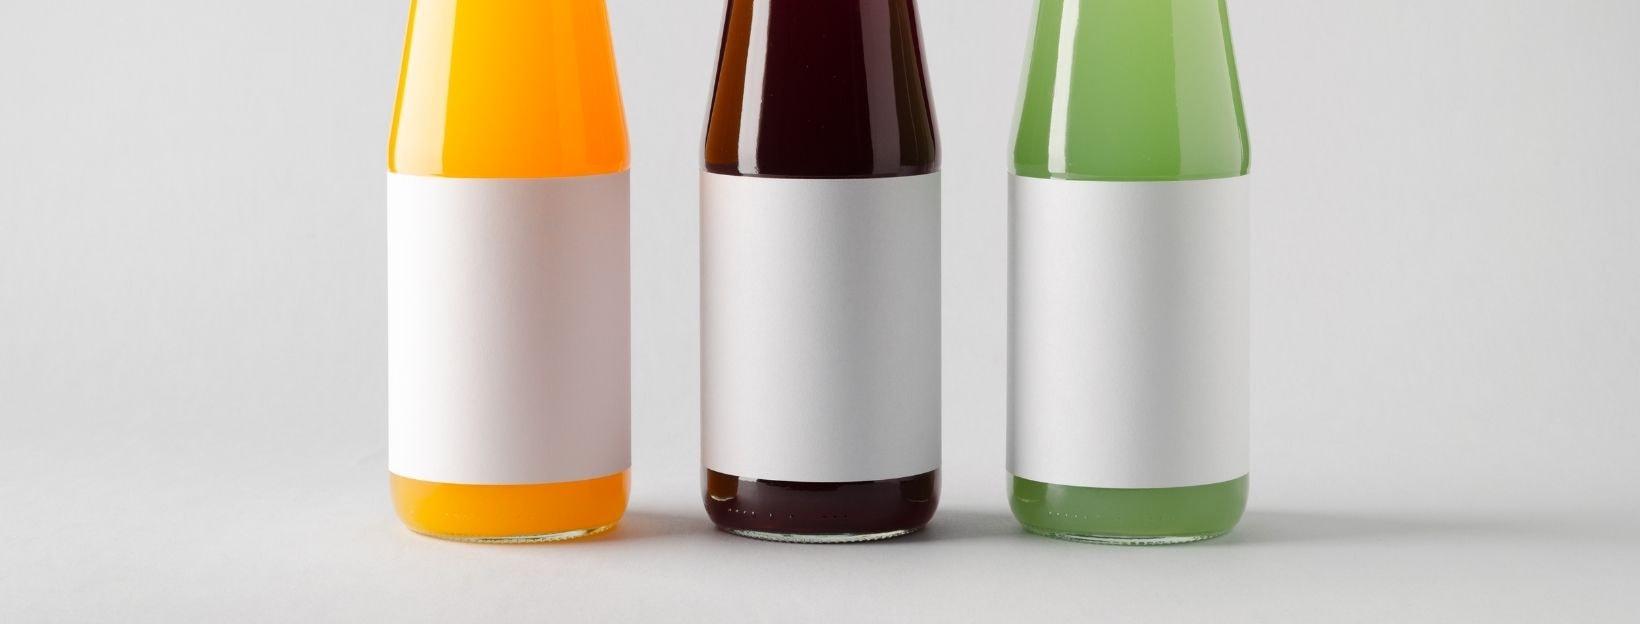 Etiketten auf Flaschen